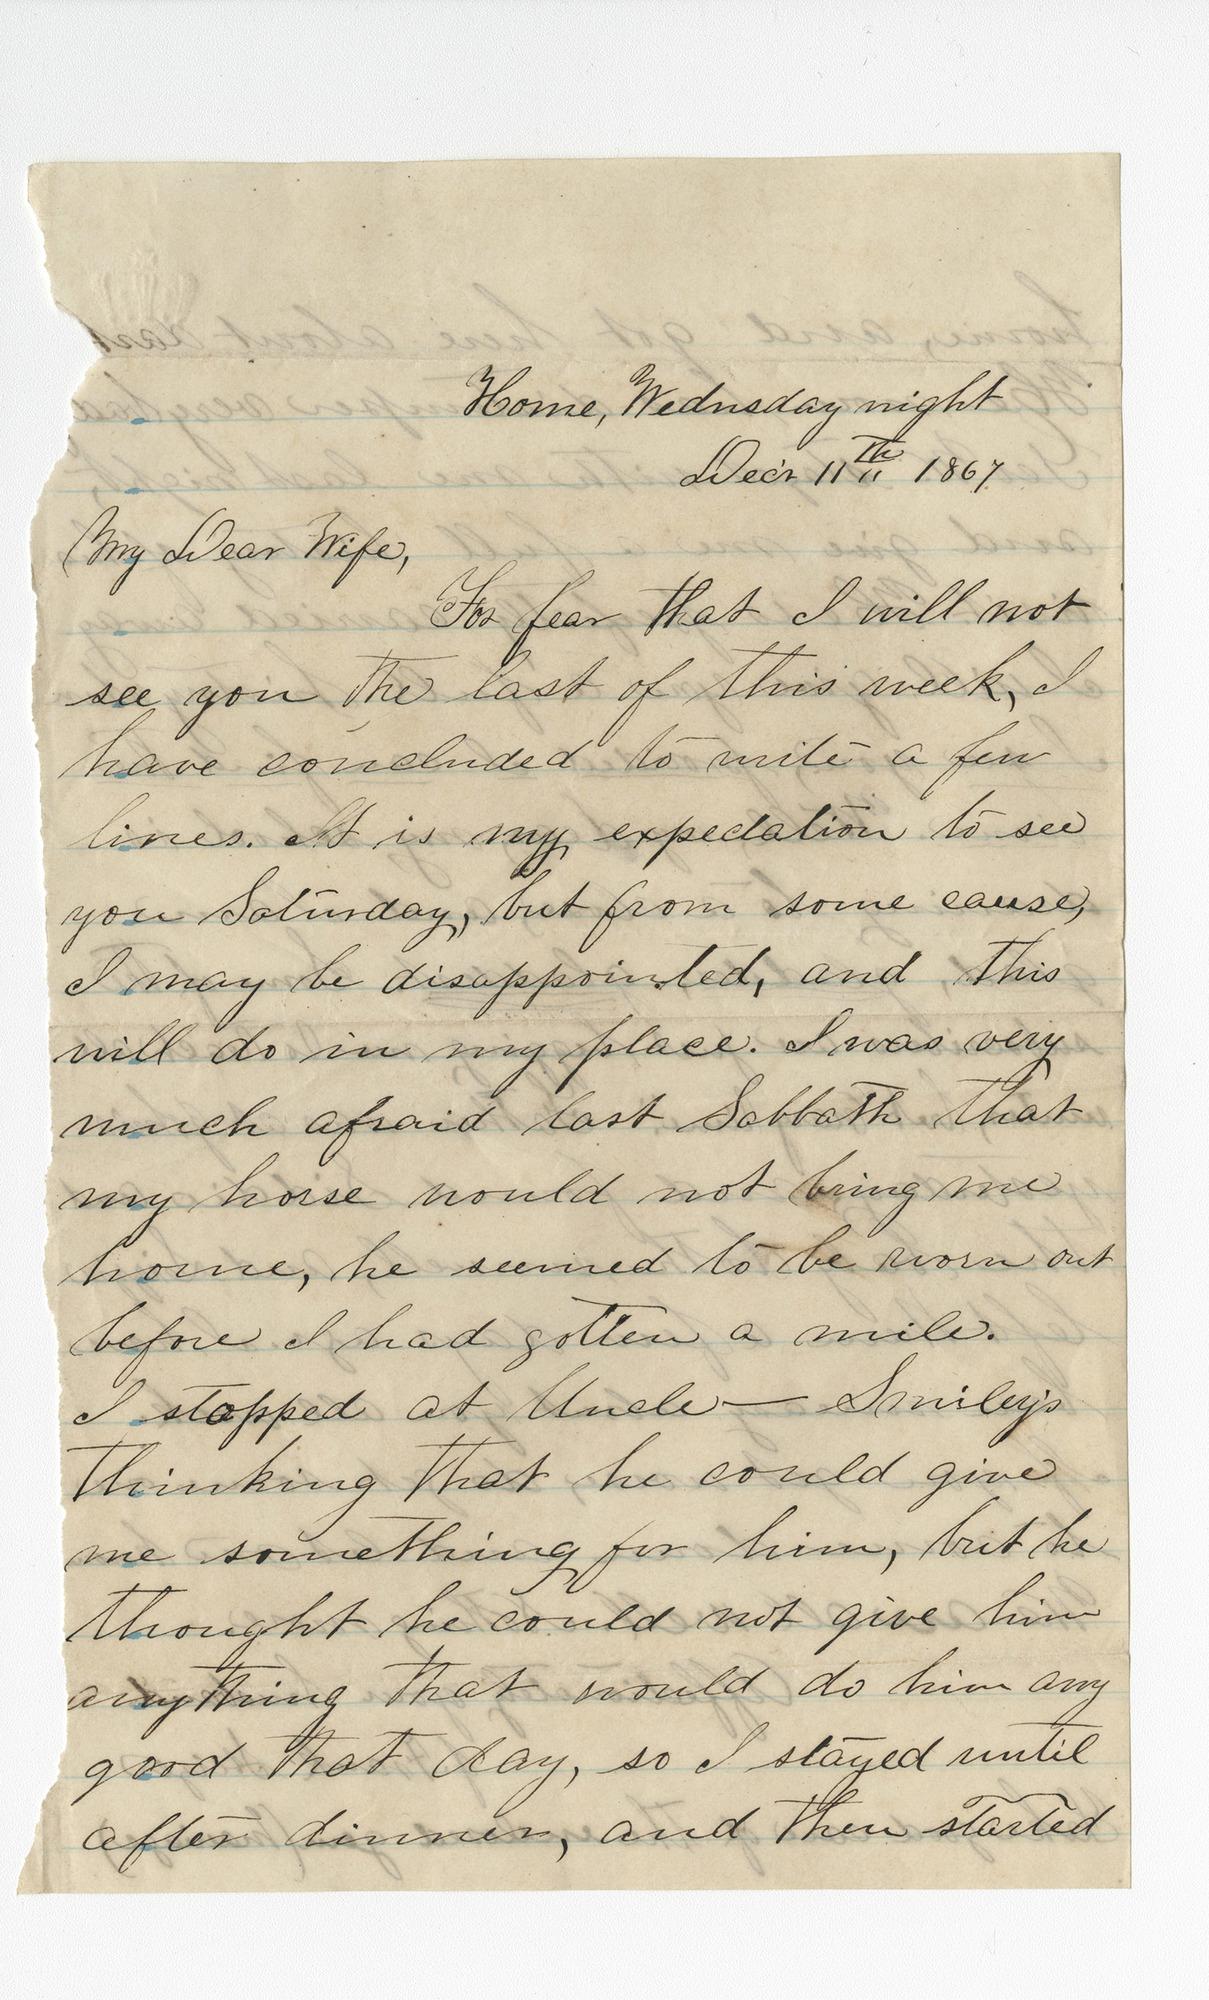 Ms2016-013_HeizerJames_Letter_1867_1211a.jpg